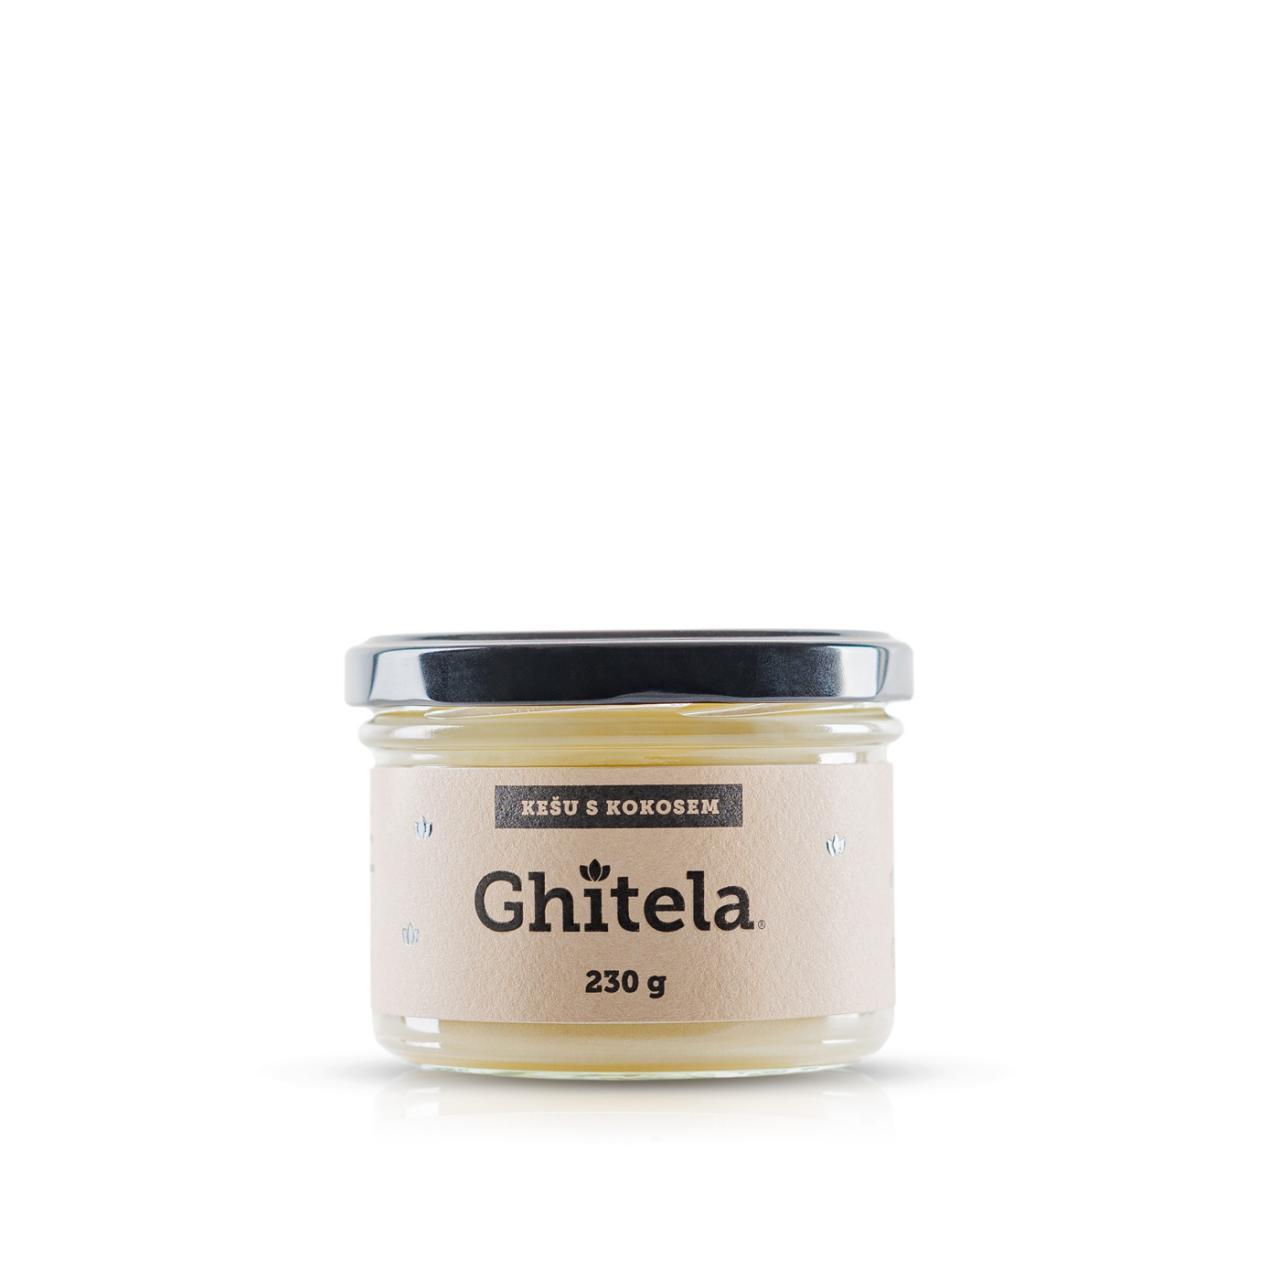 Ghitela® 230g kešu & kokos